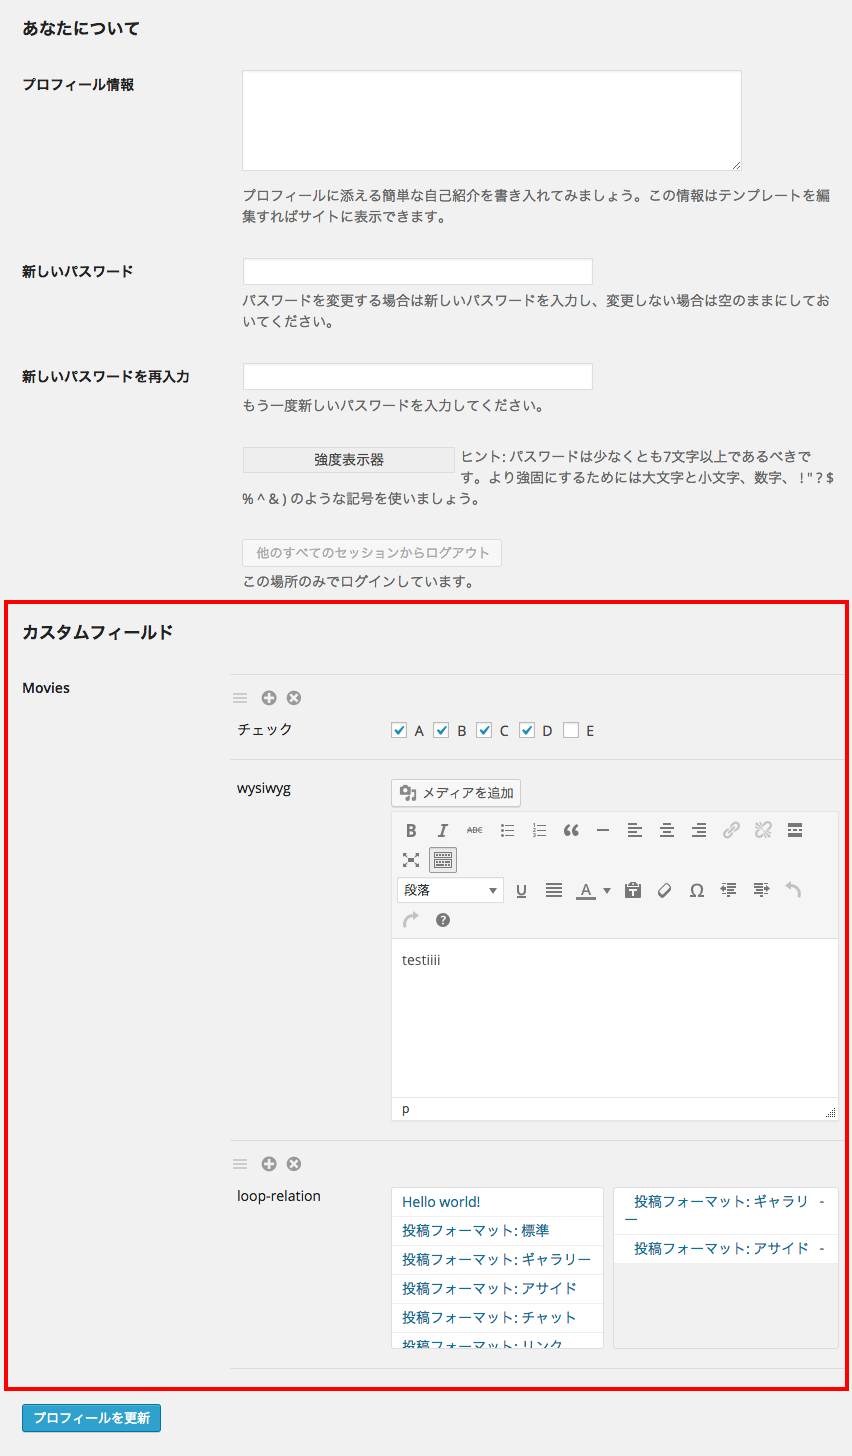 プロフィールページのカスタムフィールドの例